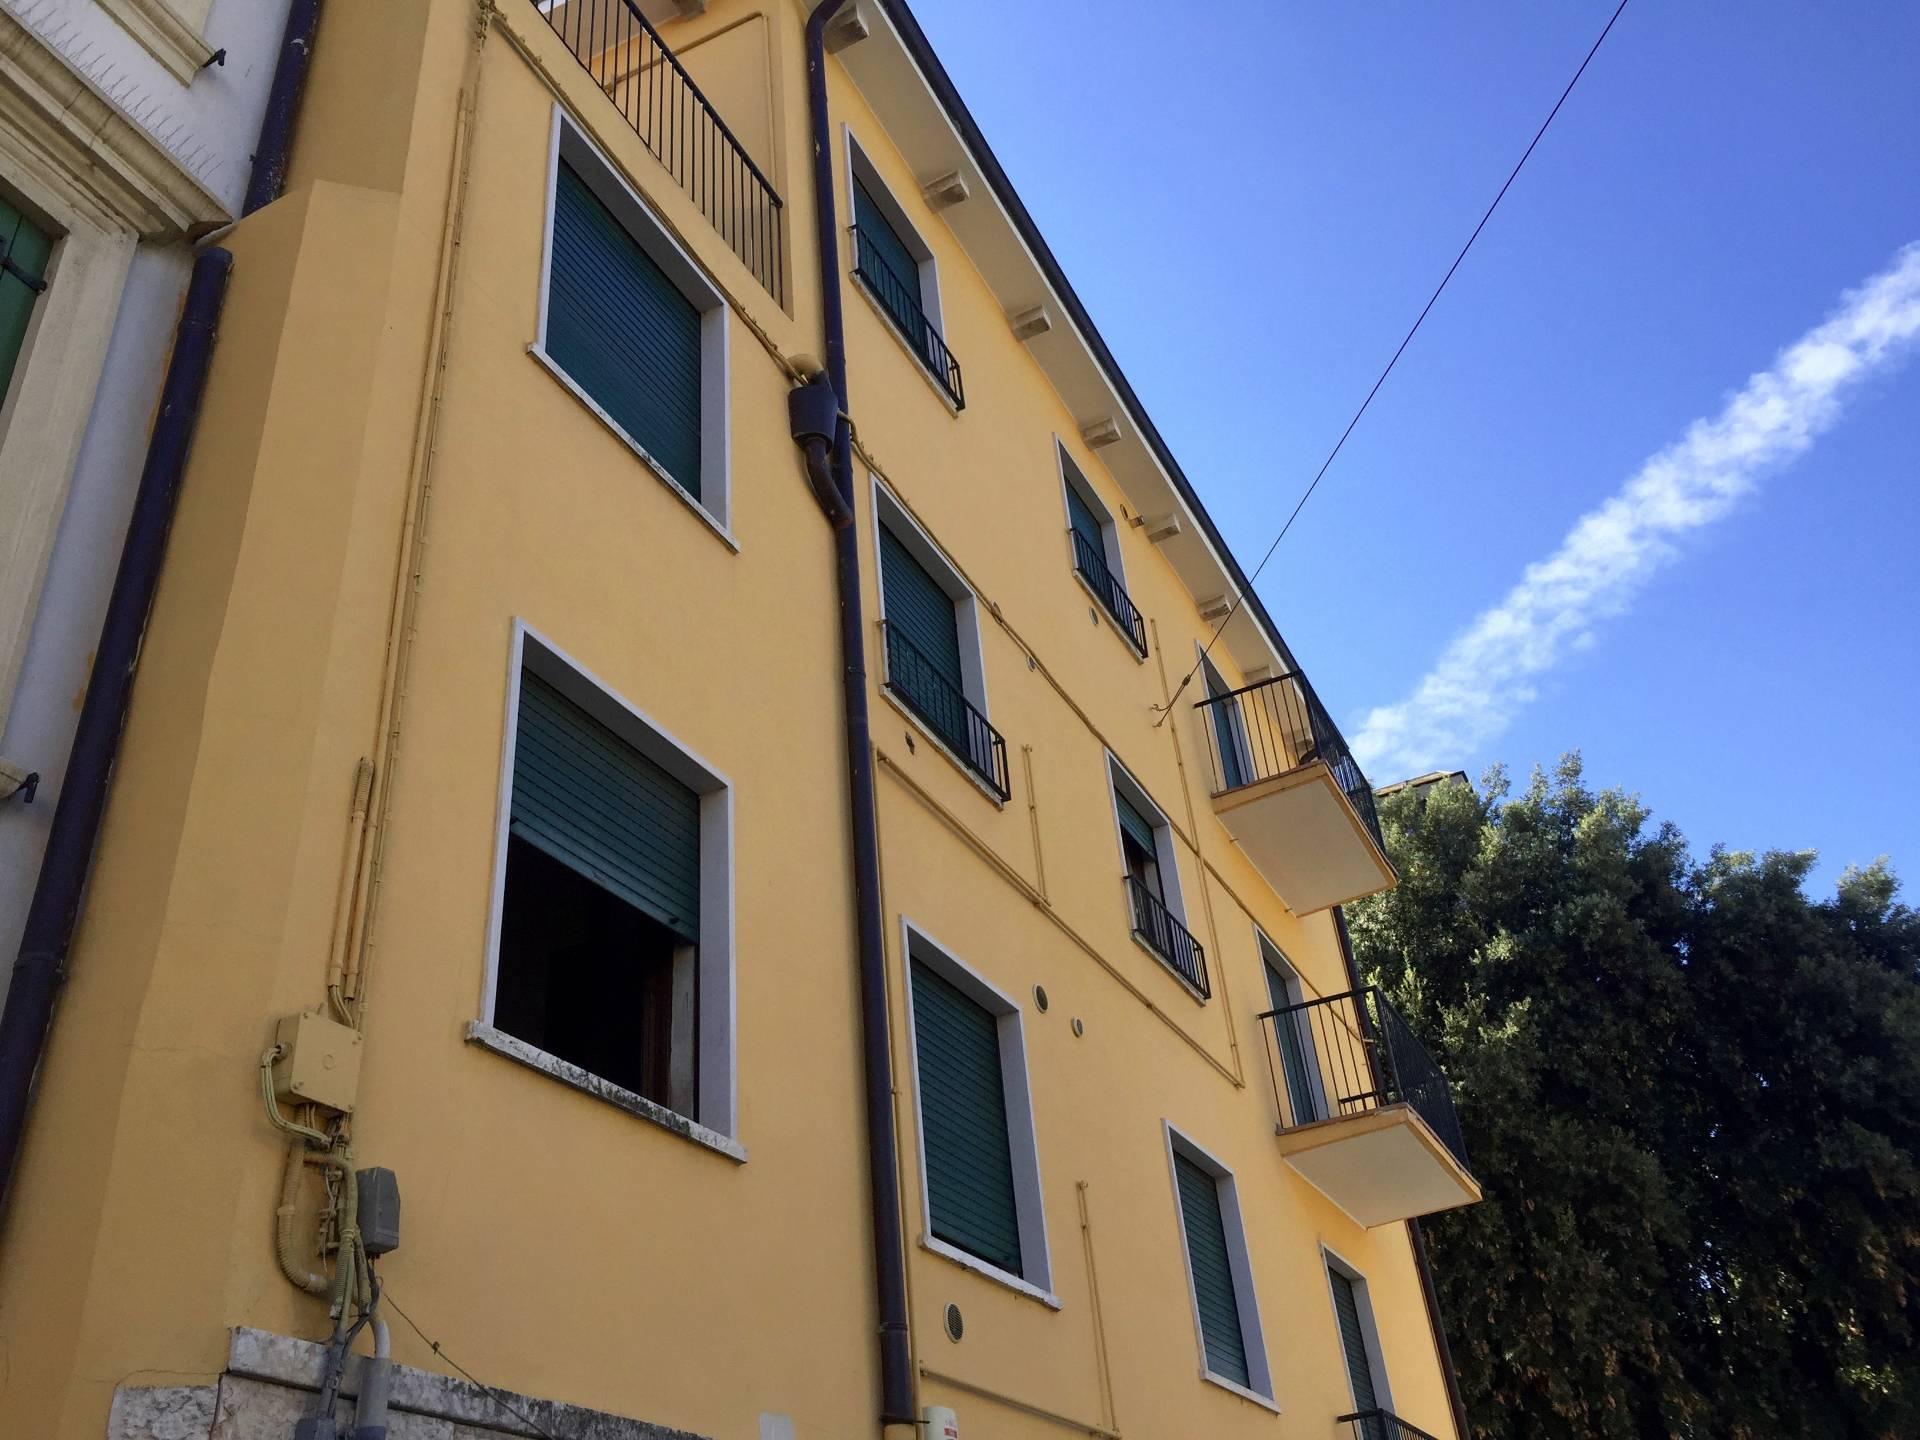 Palazzo / Stabile in vendita a Verona, 11 locali, zona Zona: 2 . Veronetta, Trattative riservate | CambioCasa.it